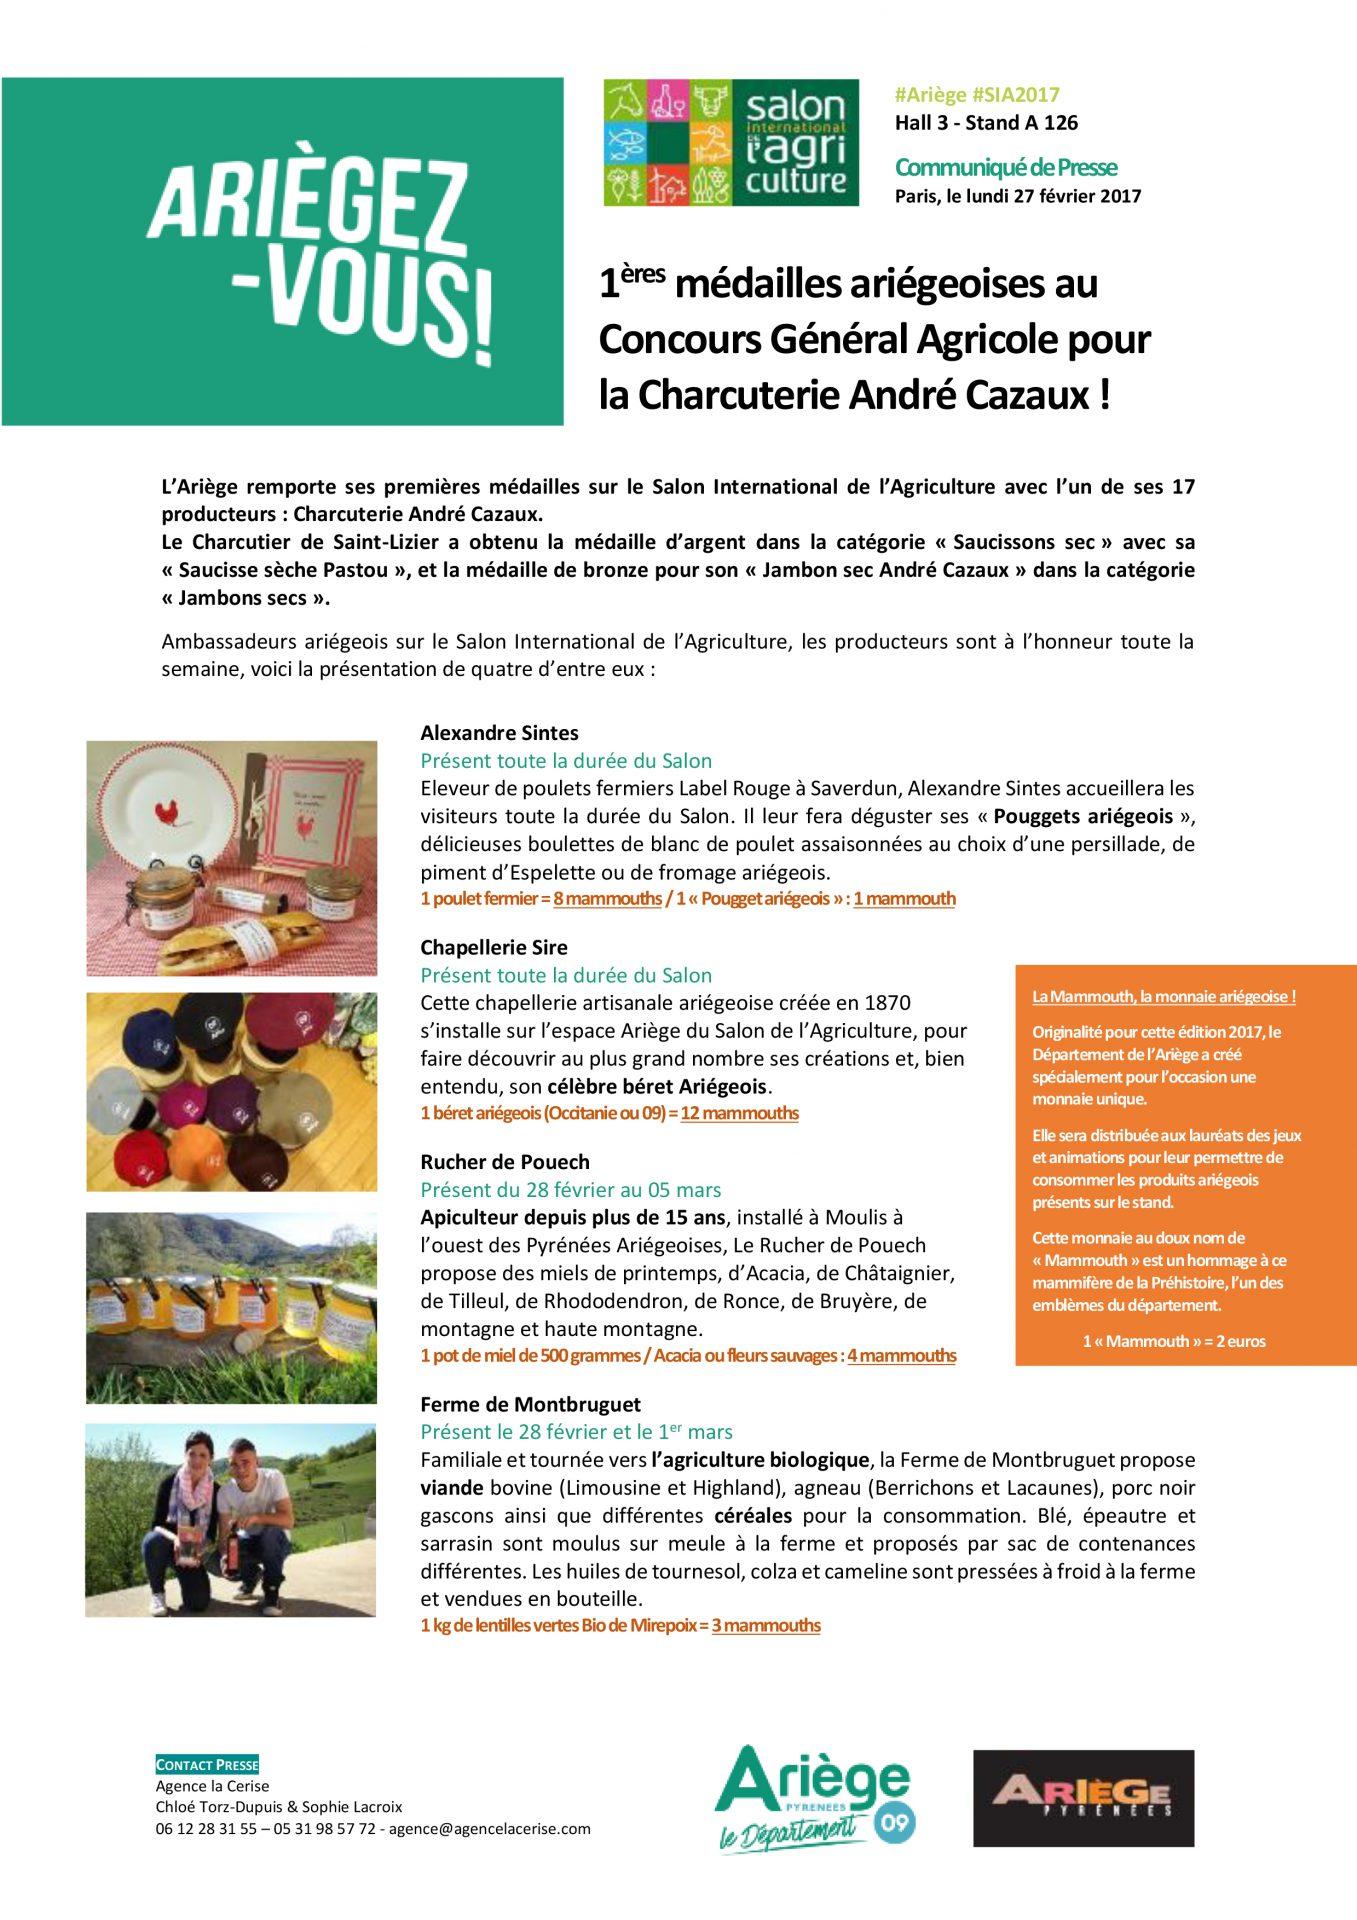 Conseil Départemental de l'Ariège - Communiqué de presse – Conseil Départemental de l'Ariège - Agence La Cerise